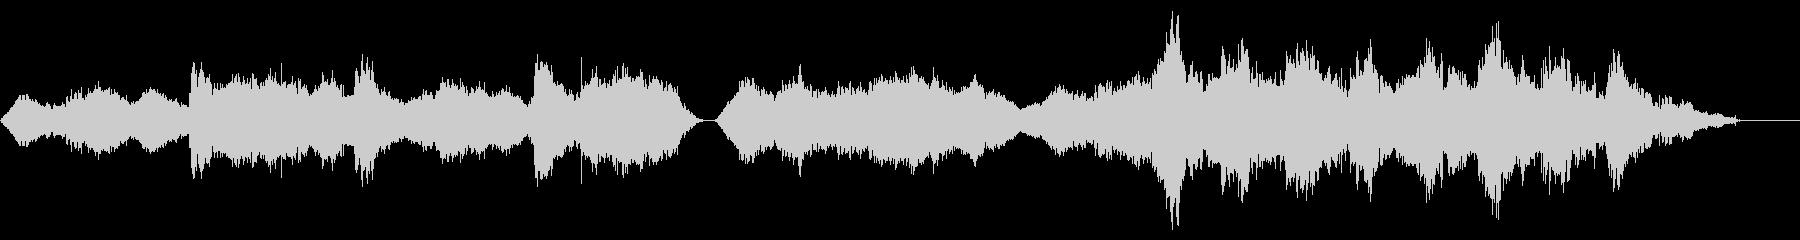 不気味で独特なリズムのメロディーの未再生の波形